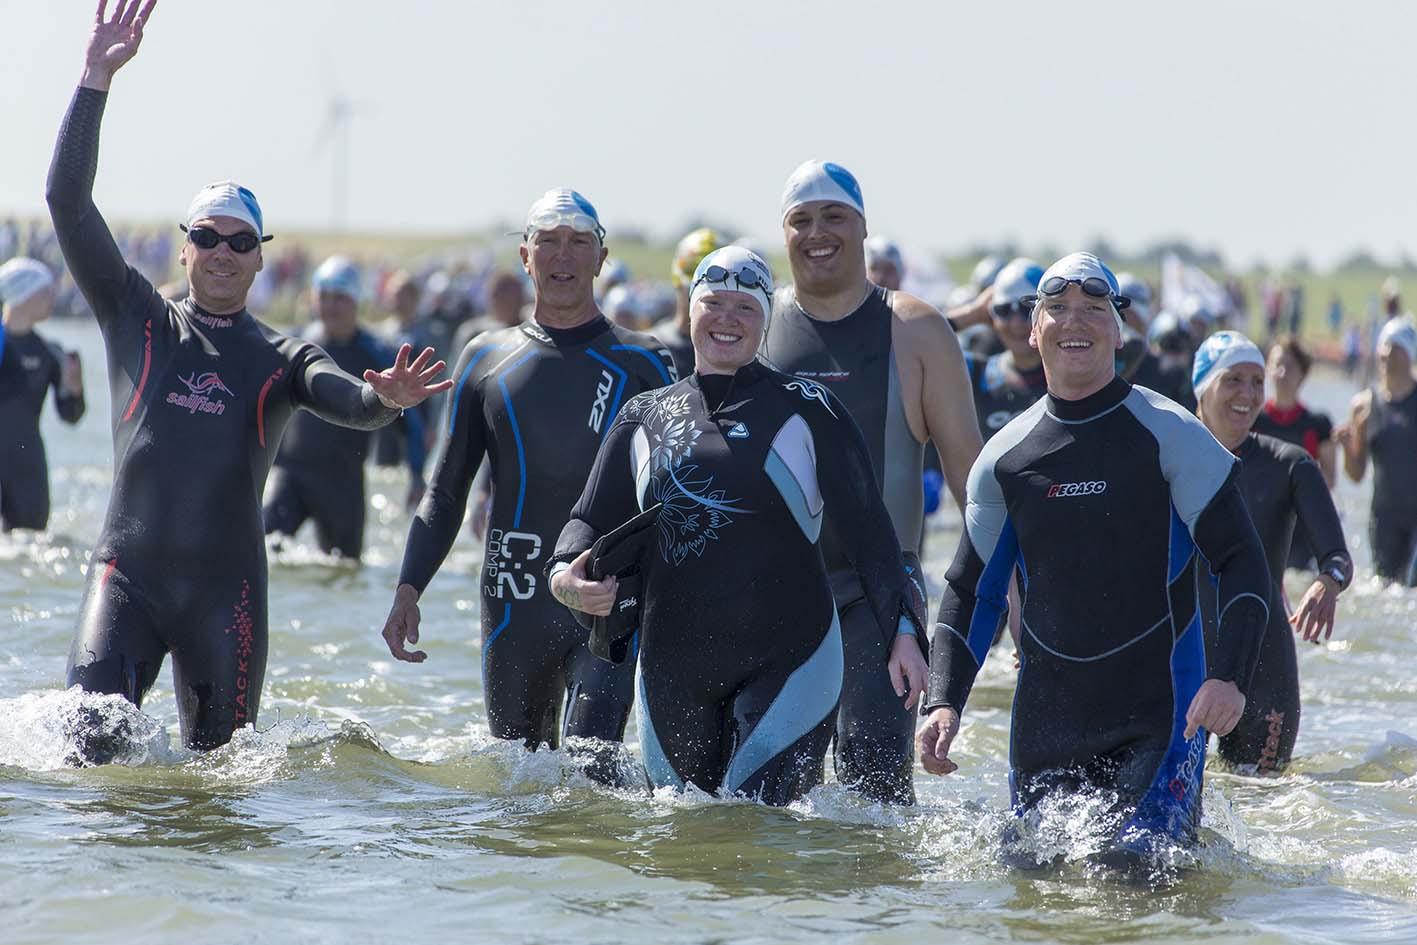 Jubelnde Teilnehmer nach dem Inselschwimmen des DLRG Norderney